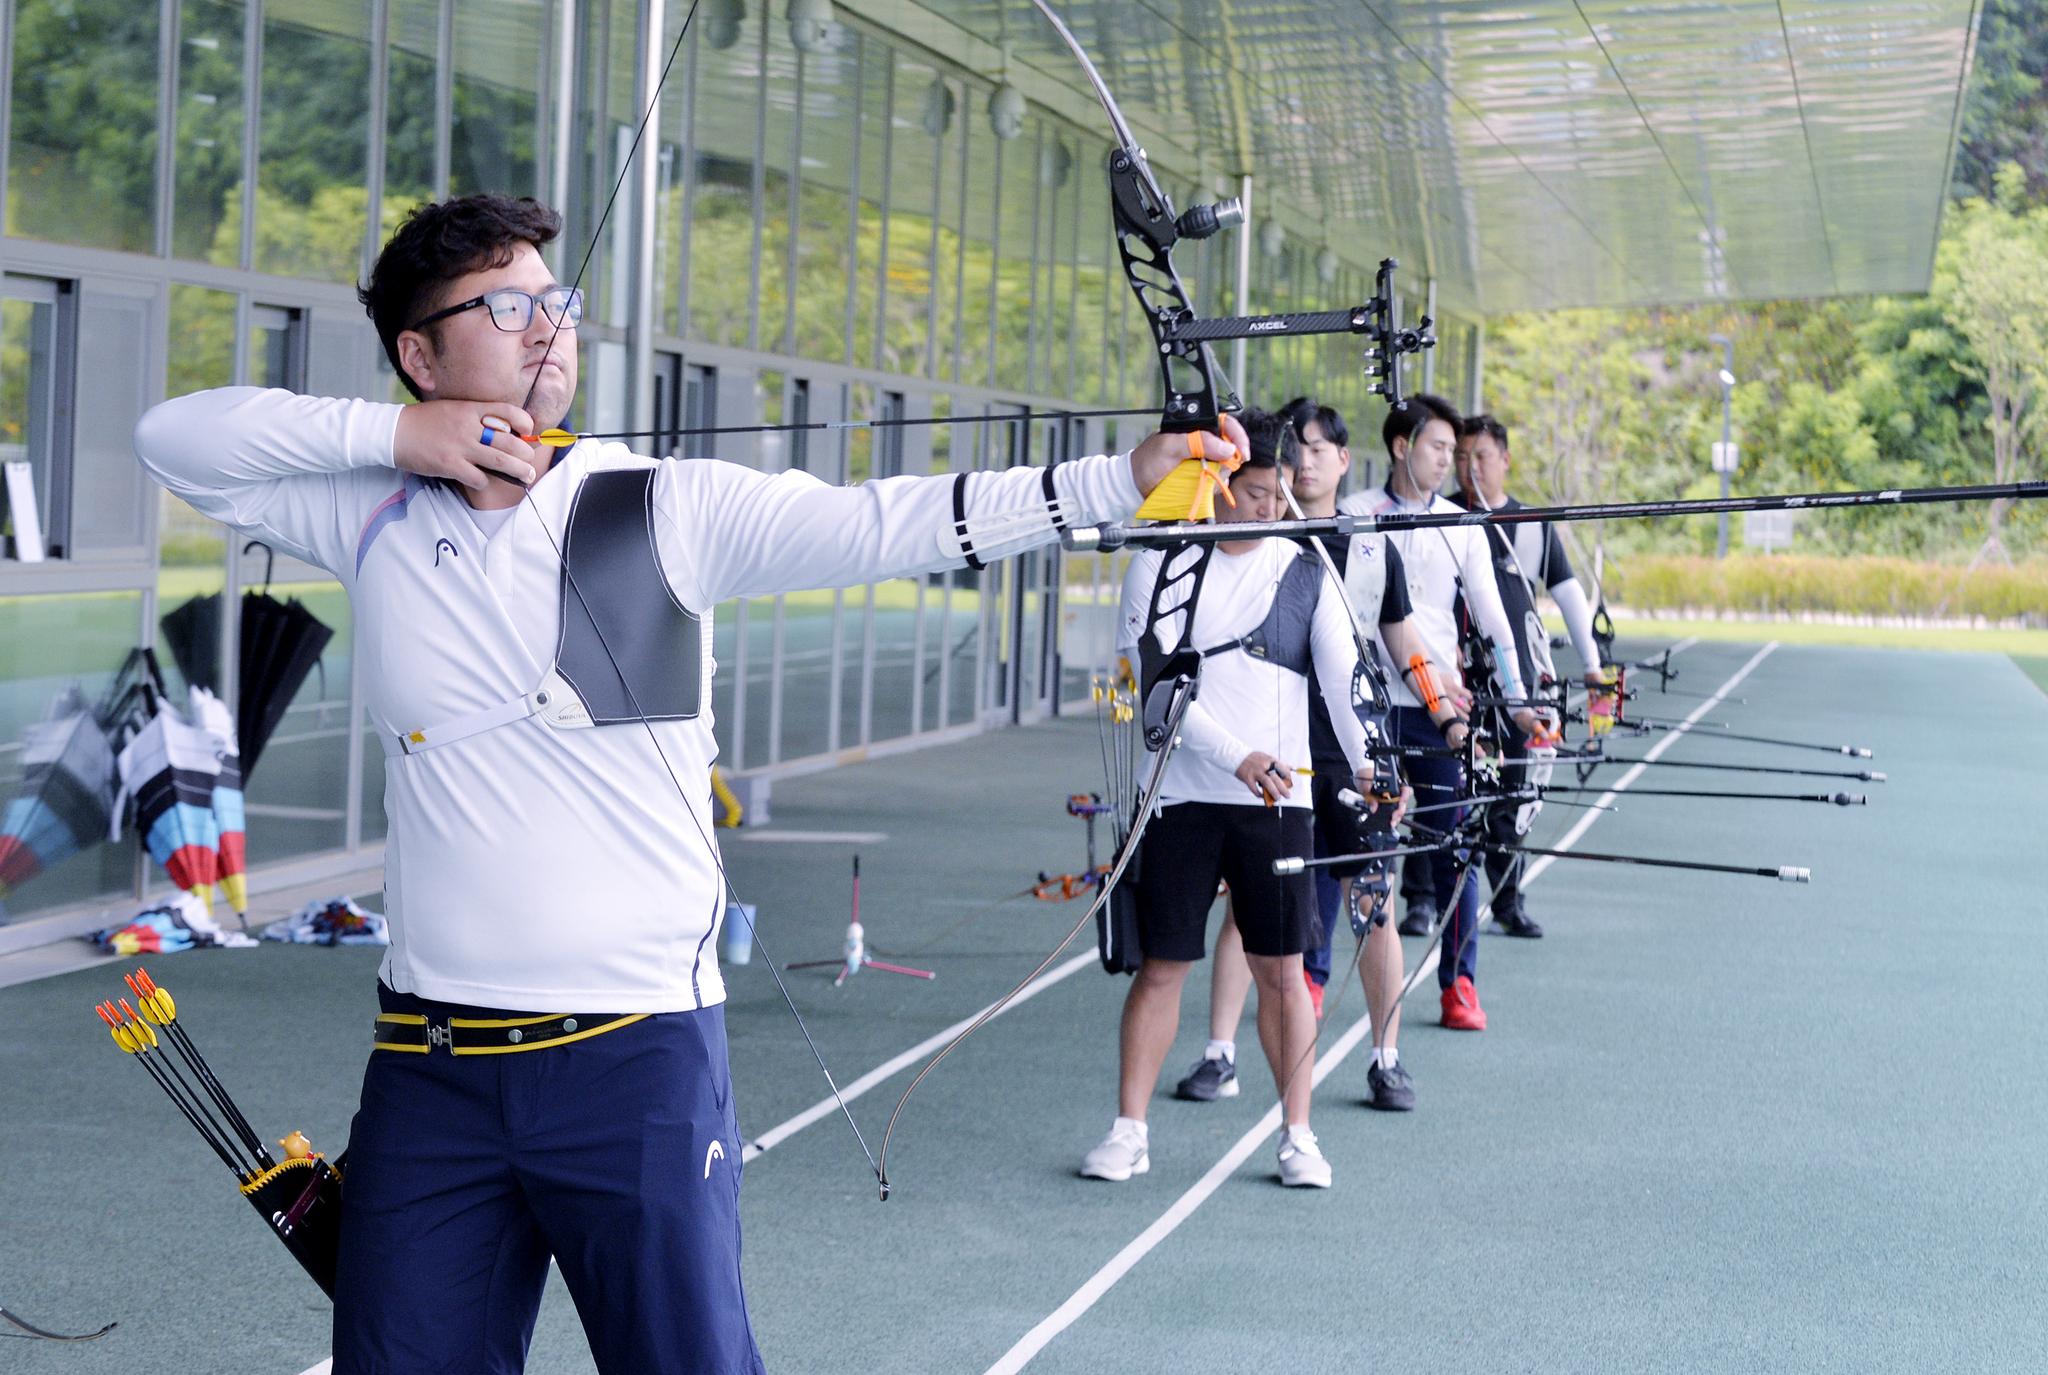 지난달 6일 충북 진천선수촌에서 훈련 중인 한국 남자양궁대표팀. [김성태 프리랜서]